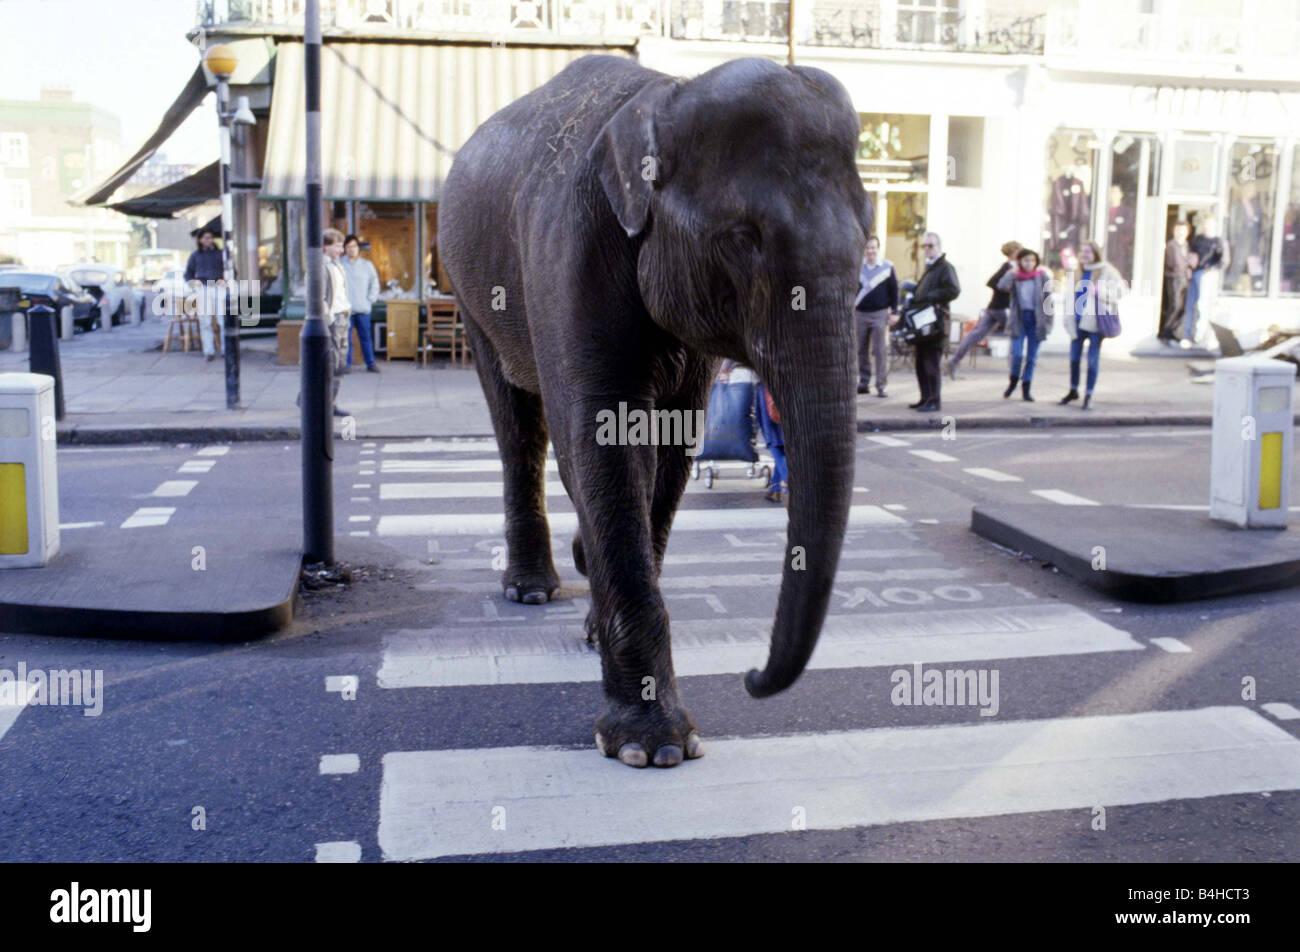 Gerry Cottle s Circus am Camden Lock in London Rani der indische Elefant beim Überqueren der Straße Dezember Stockbild